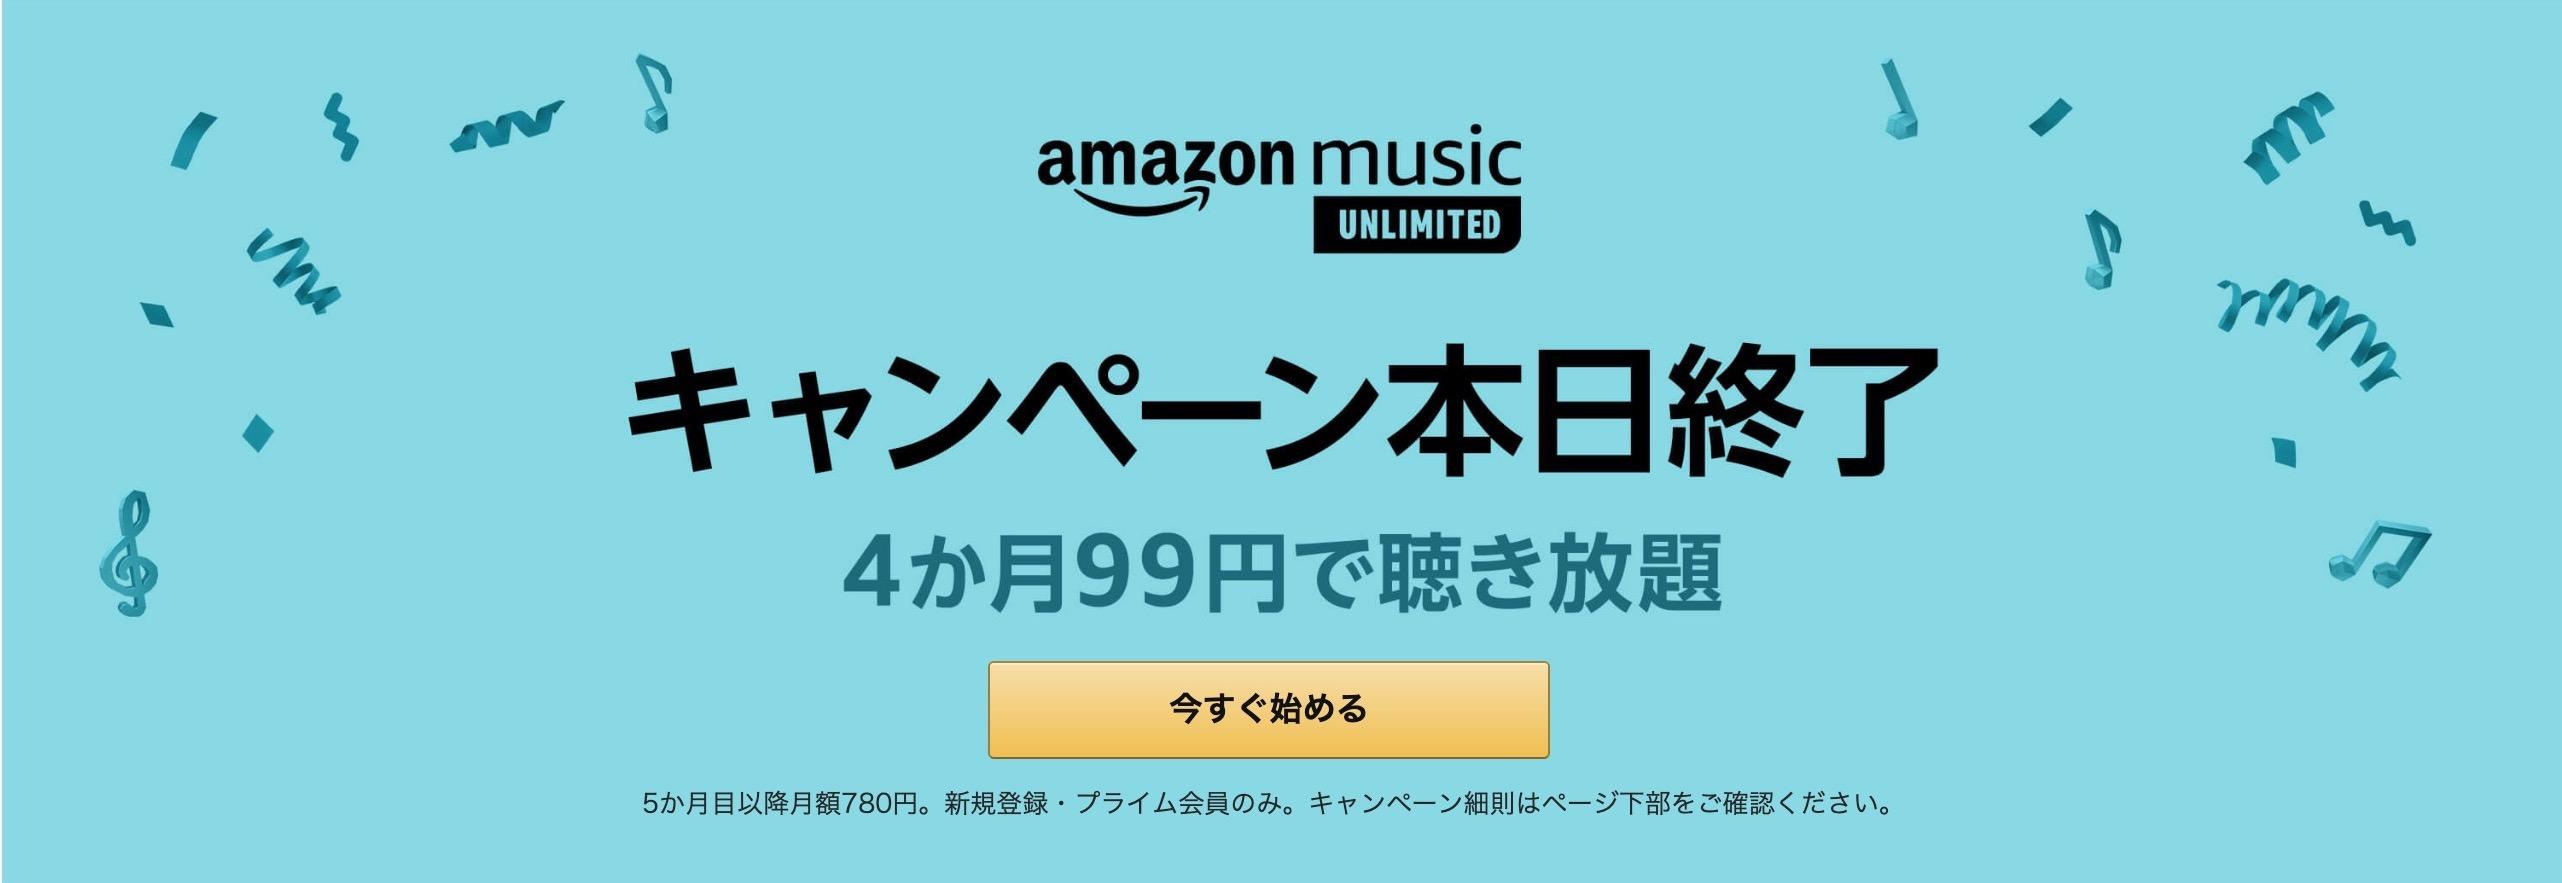 4ヶ月99円、音楽聴き放題の「Amazon Music Unlimited」キャンペーンは今日まで